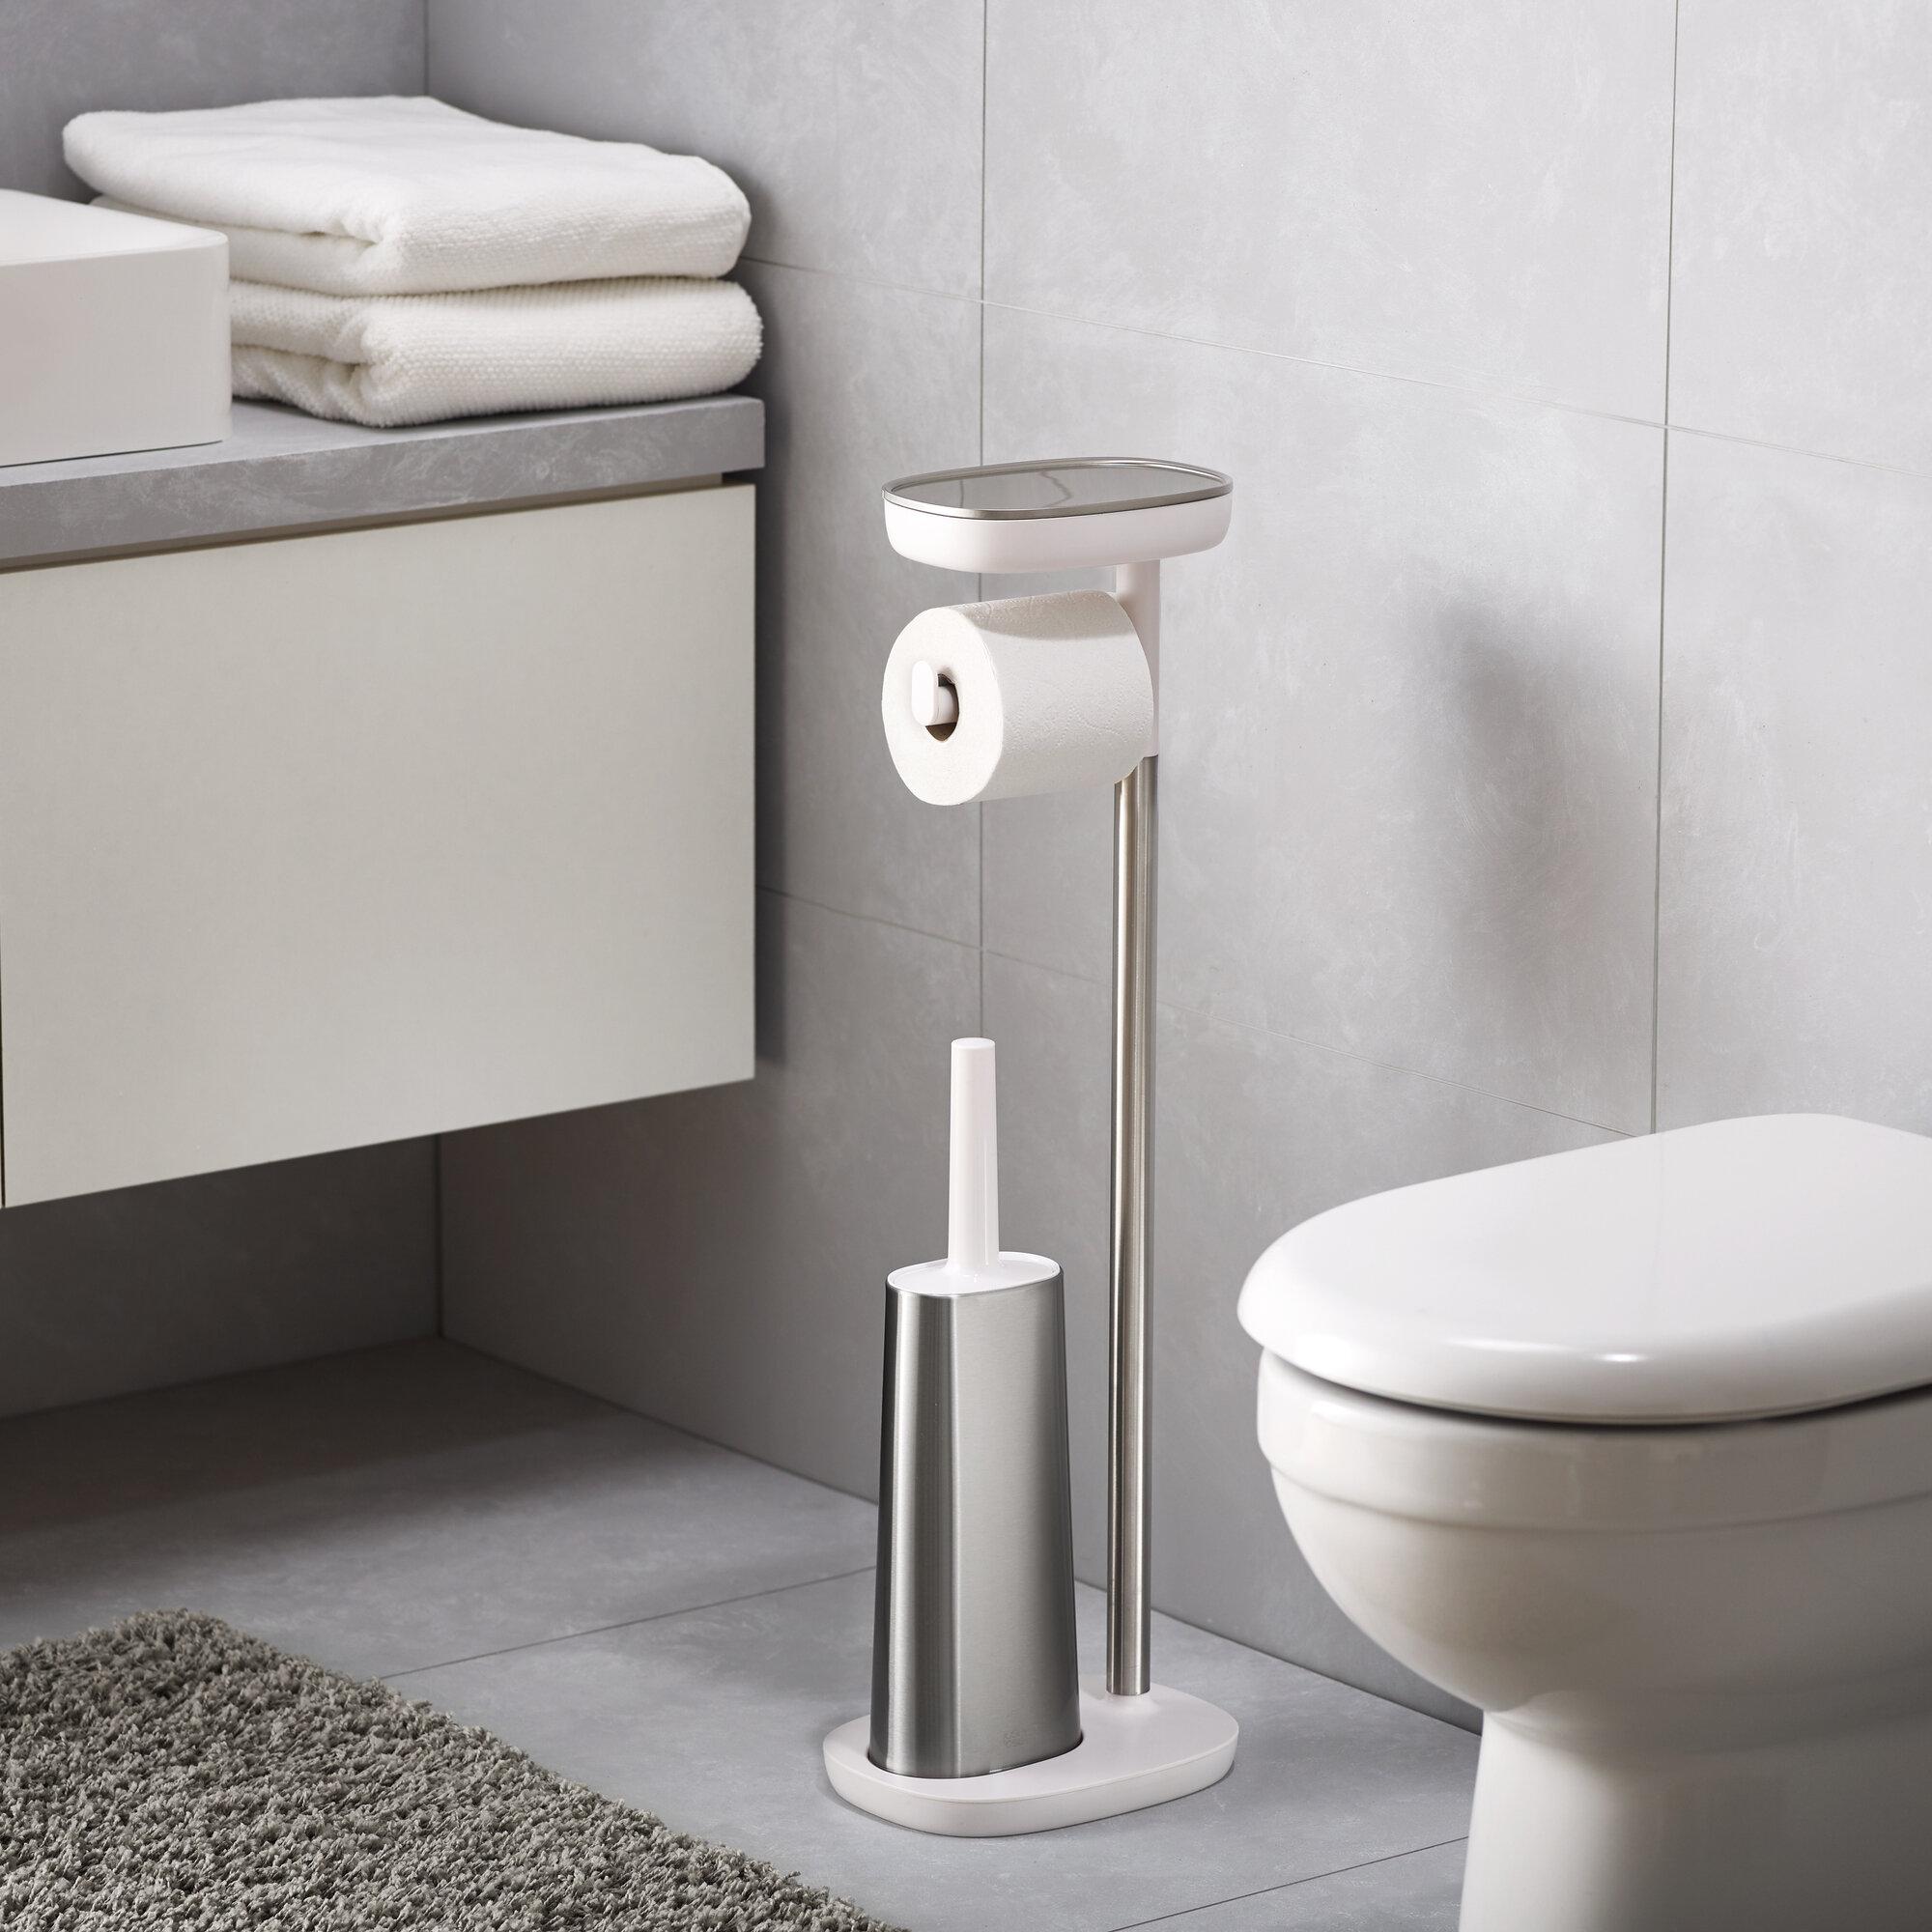 Chrome Toilette Butler-papier Porte-rouleau autoportante salle de bain rangement